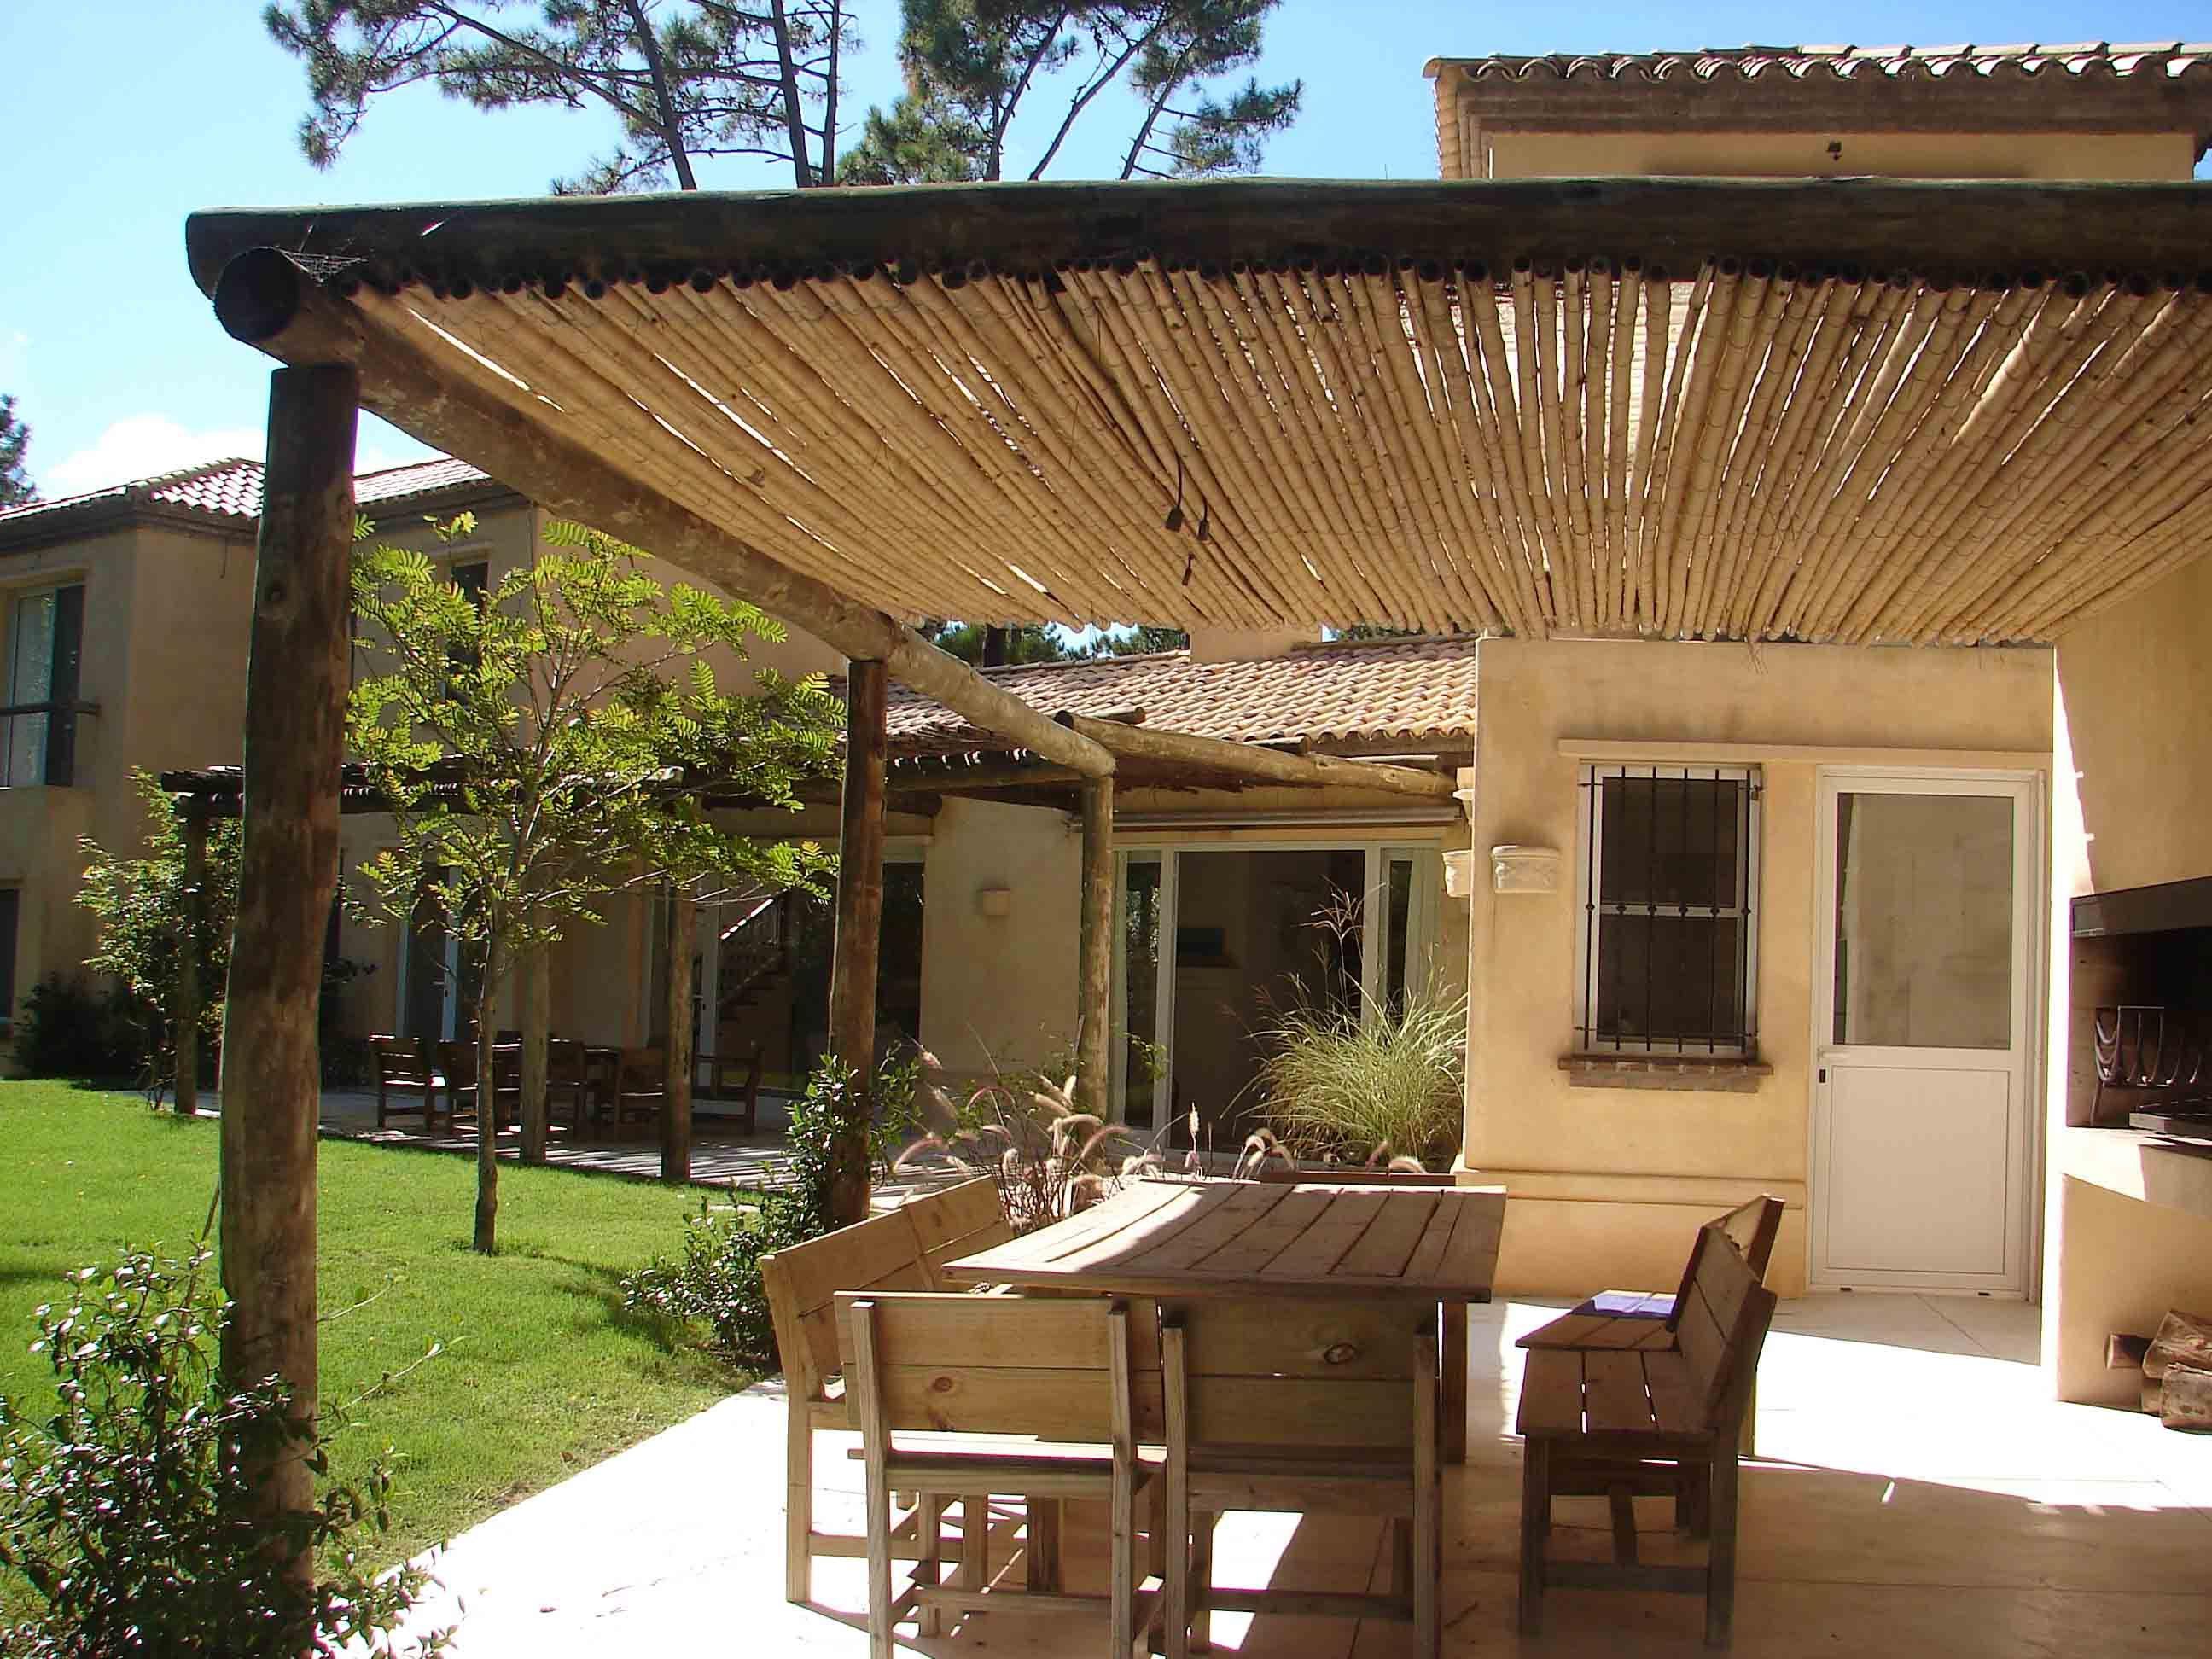 Images of galeria de fotos de la sexy jardin decocasa for Imagenes de techos para patios